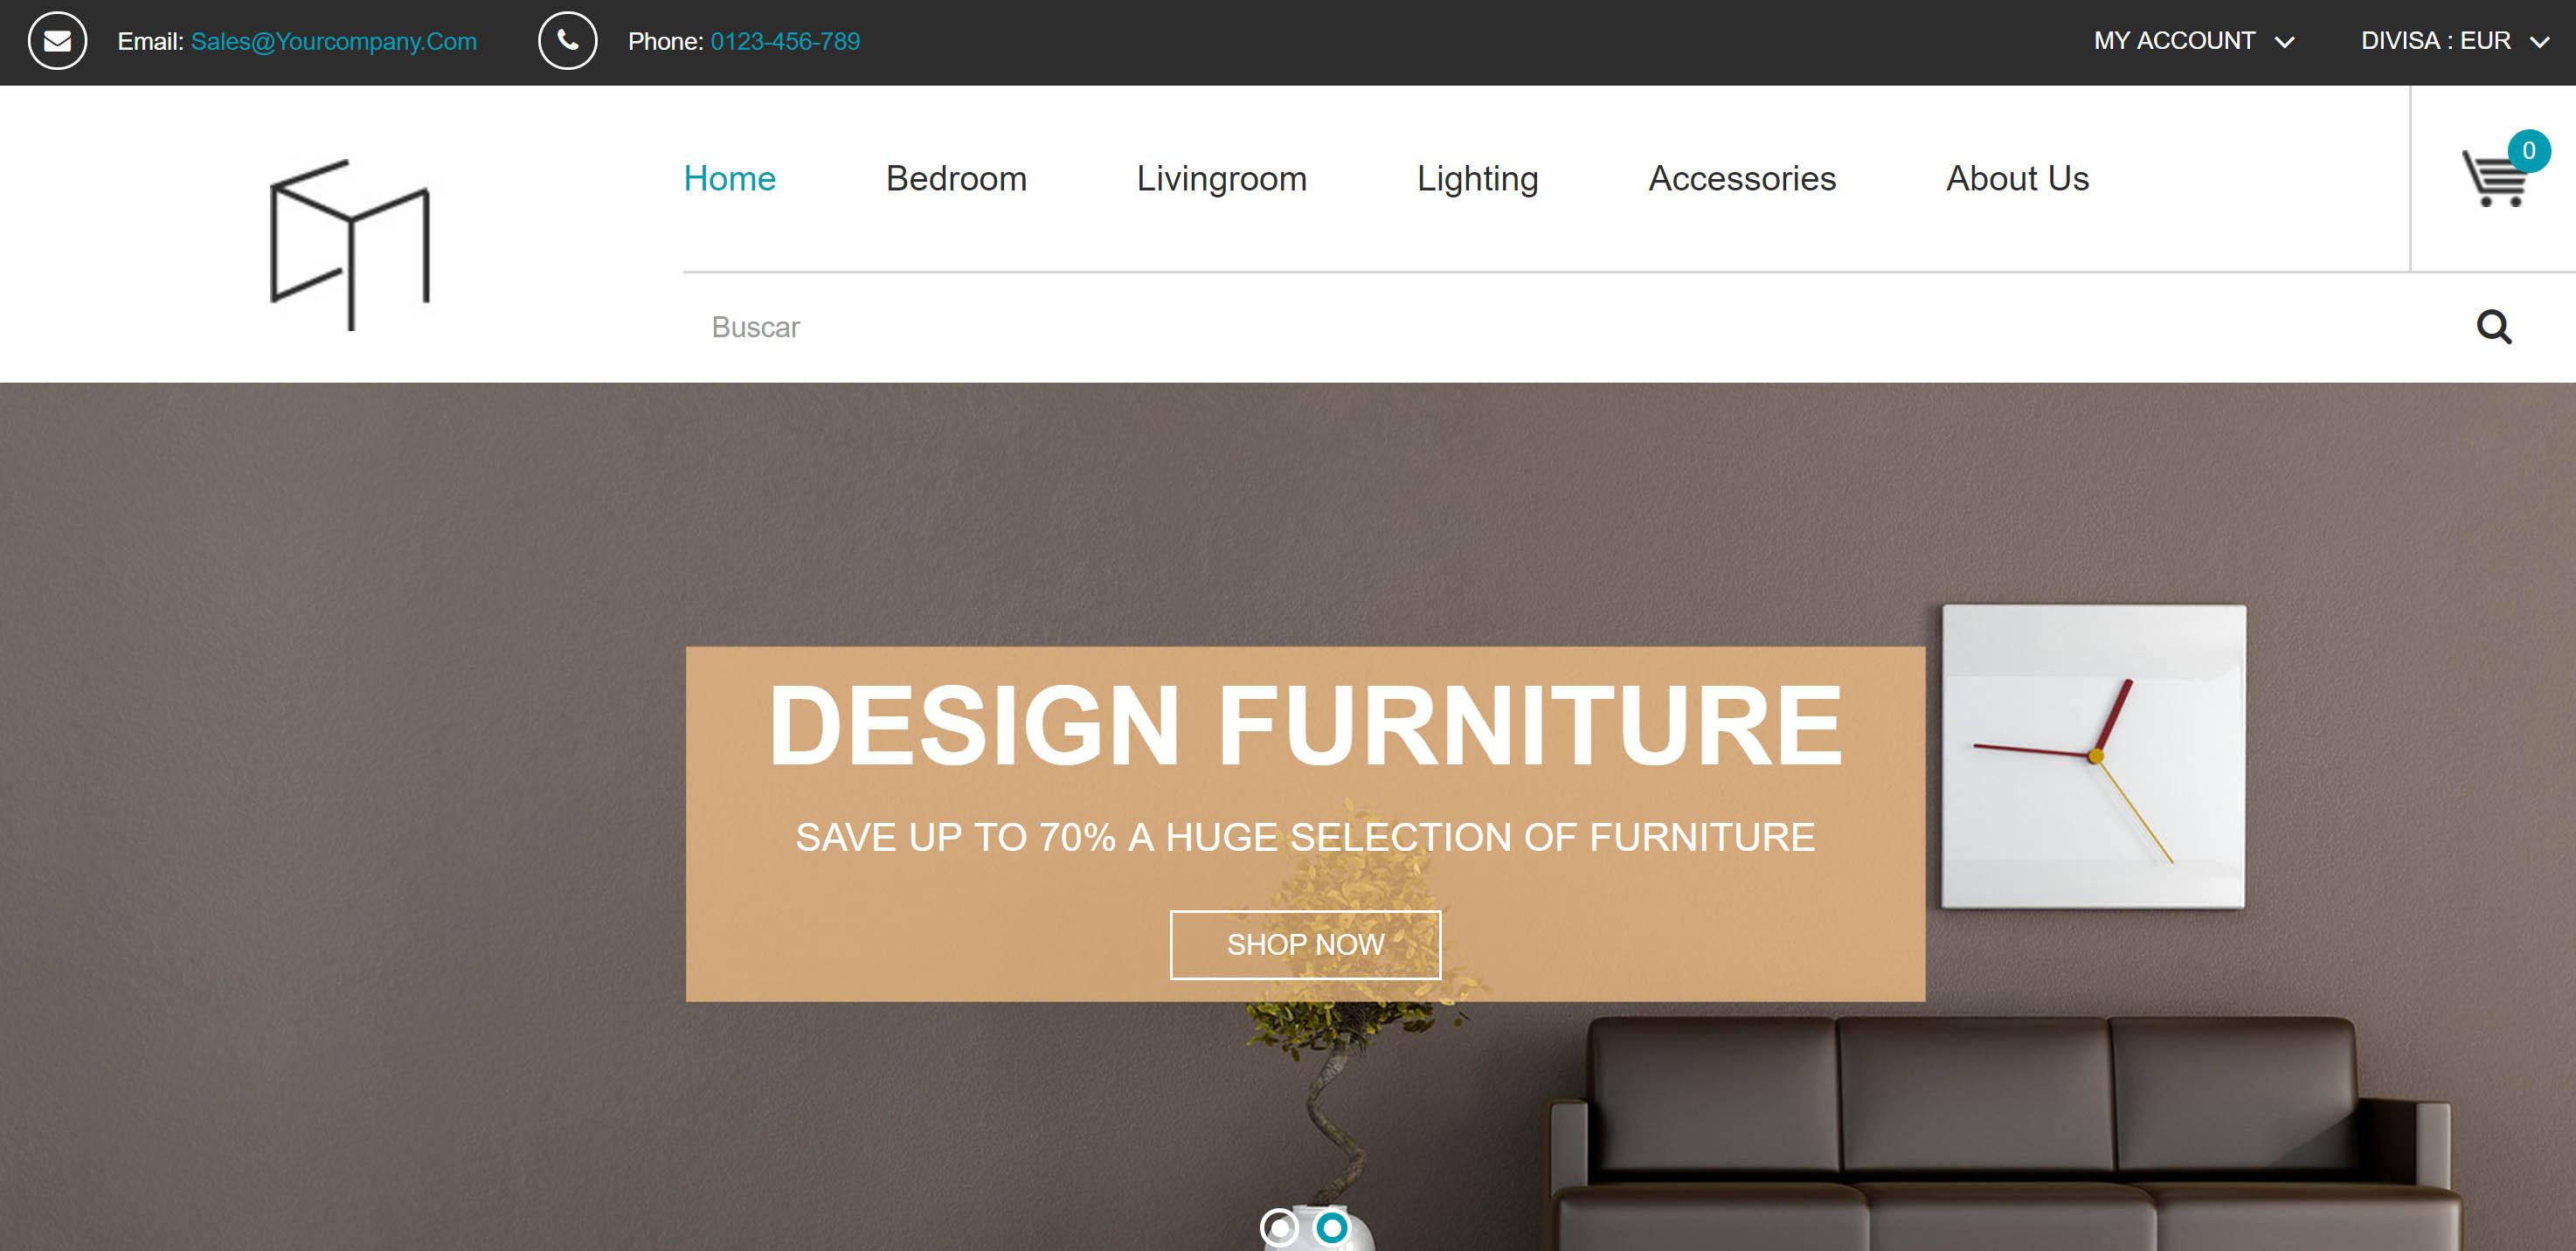 Dise o para una tienda online de muebles y decoraci n for Muebles y decoracion online